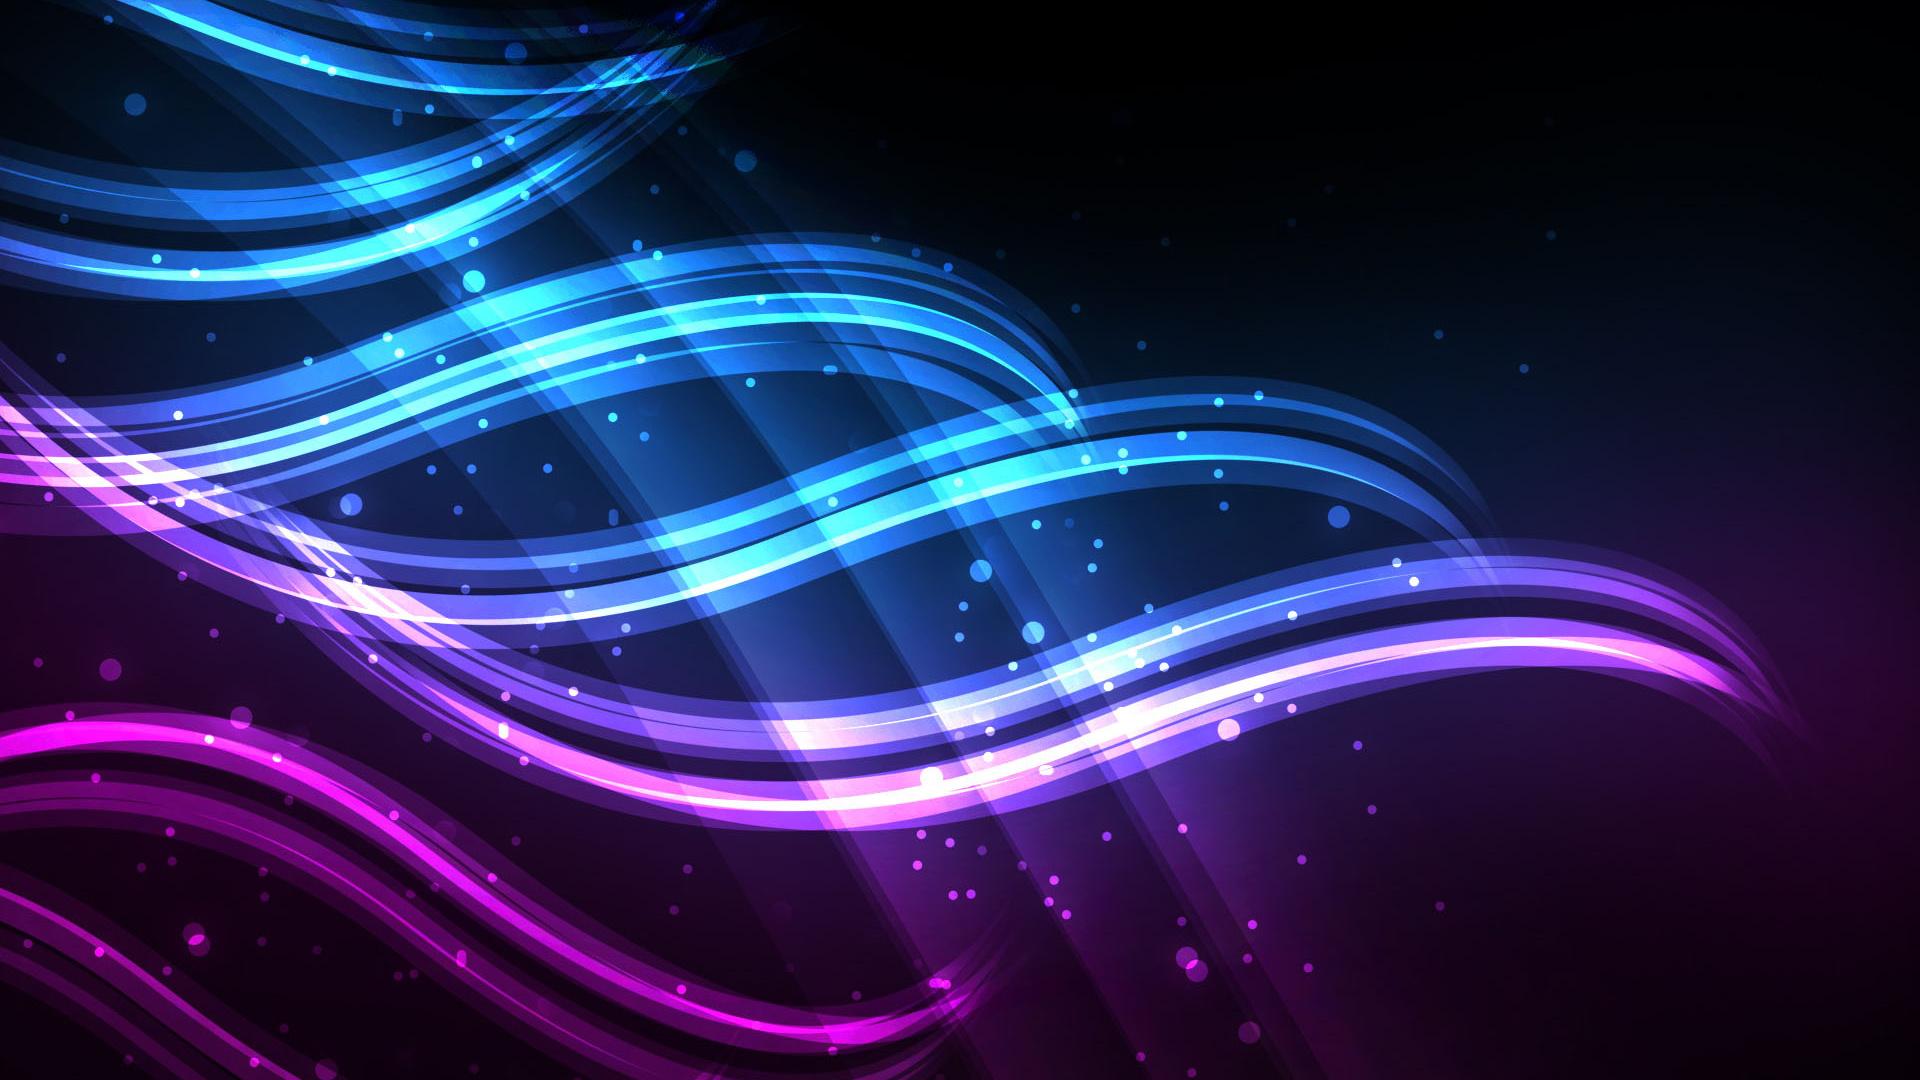 Blue Purple HD Desktop Wallpaper HD Desktop Wallpaper 1920x1080